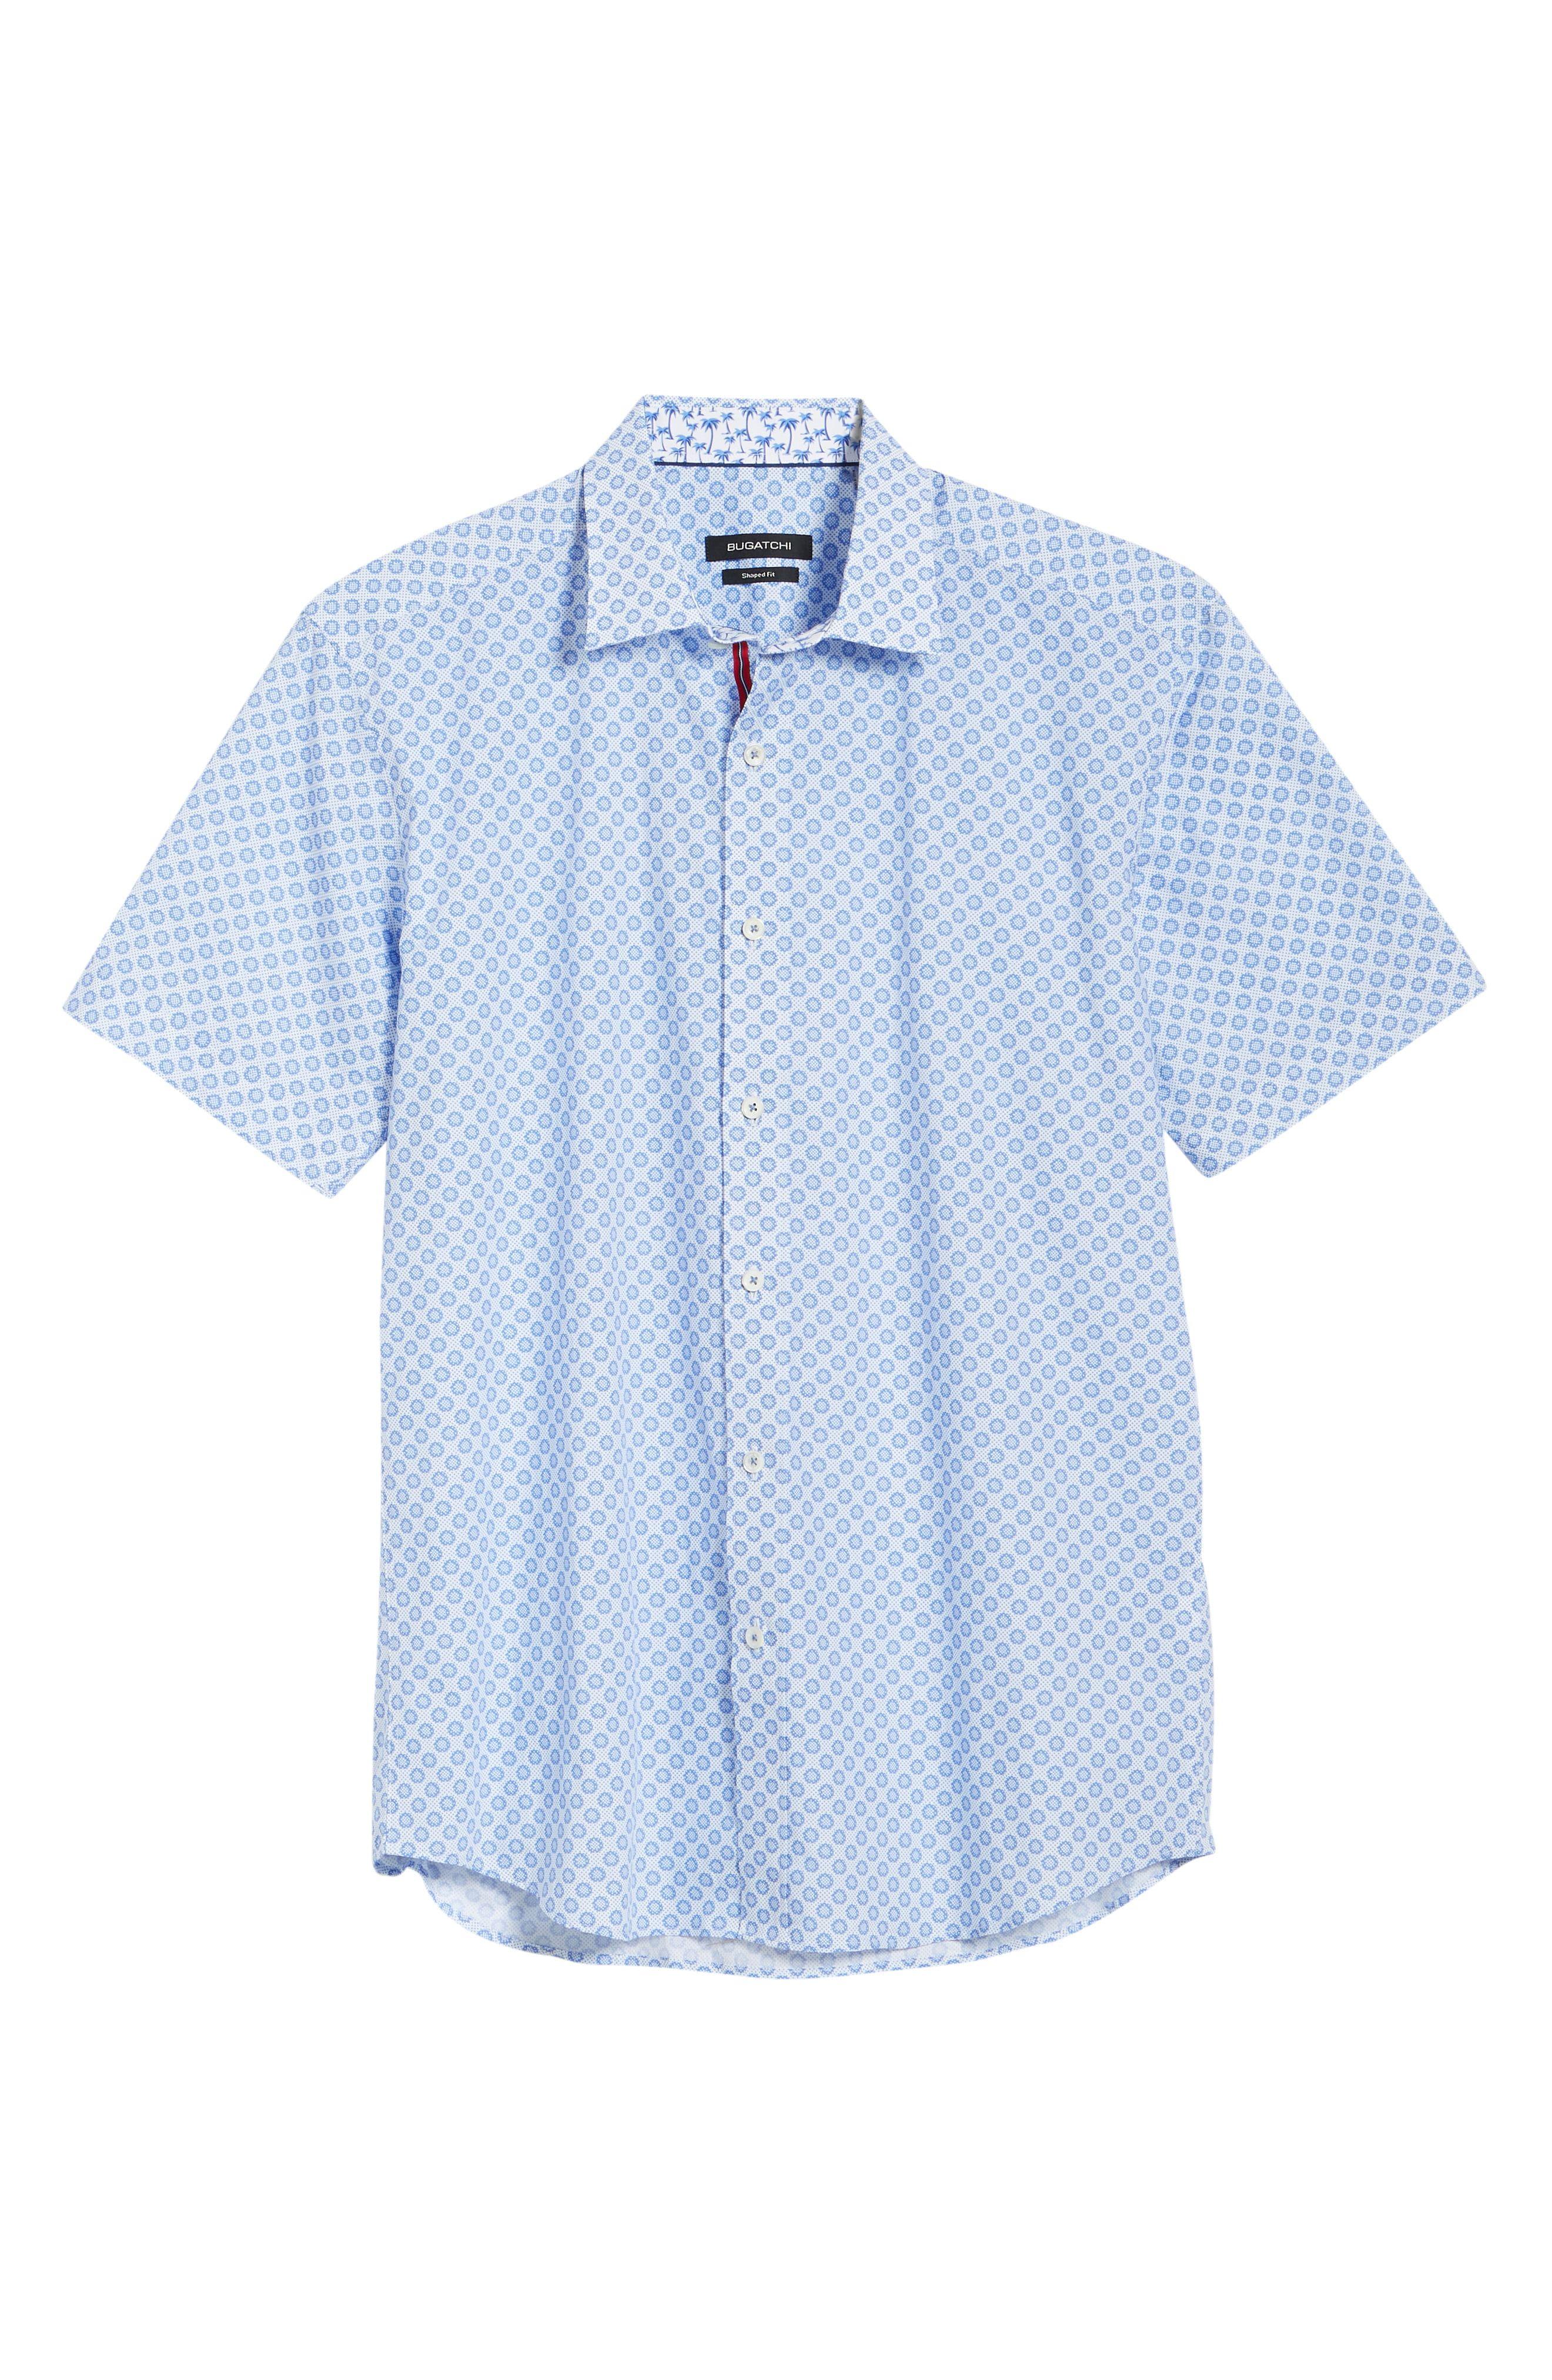 d4ca6d43 Irish Linen Shirts Online « Alzheimer's Network of Oregon